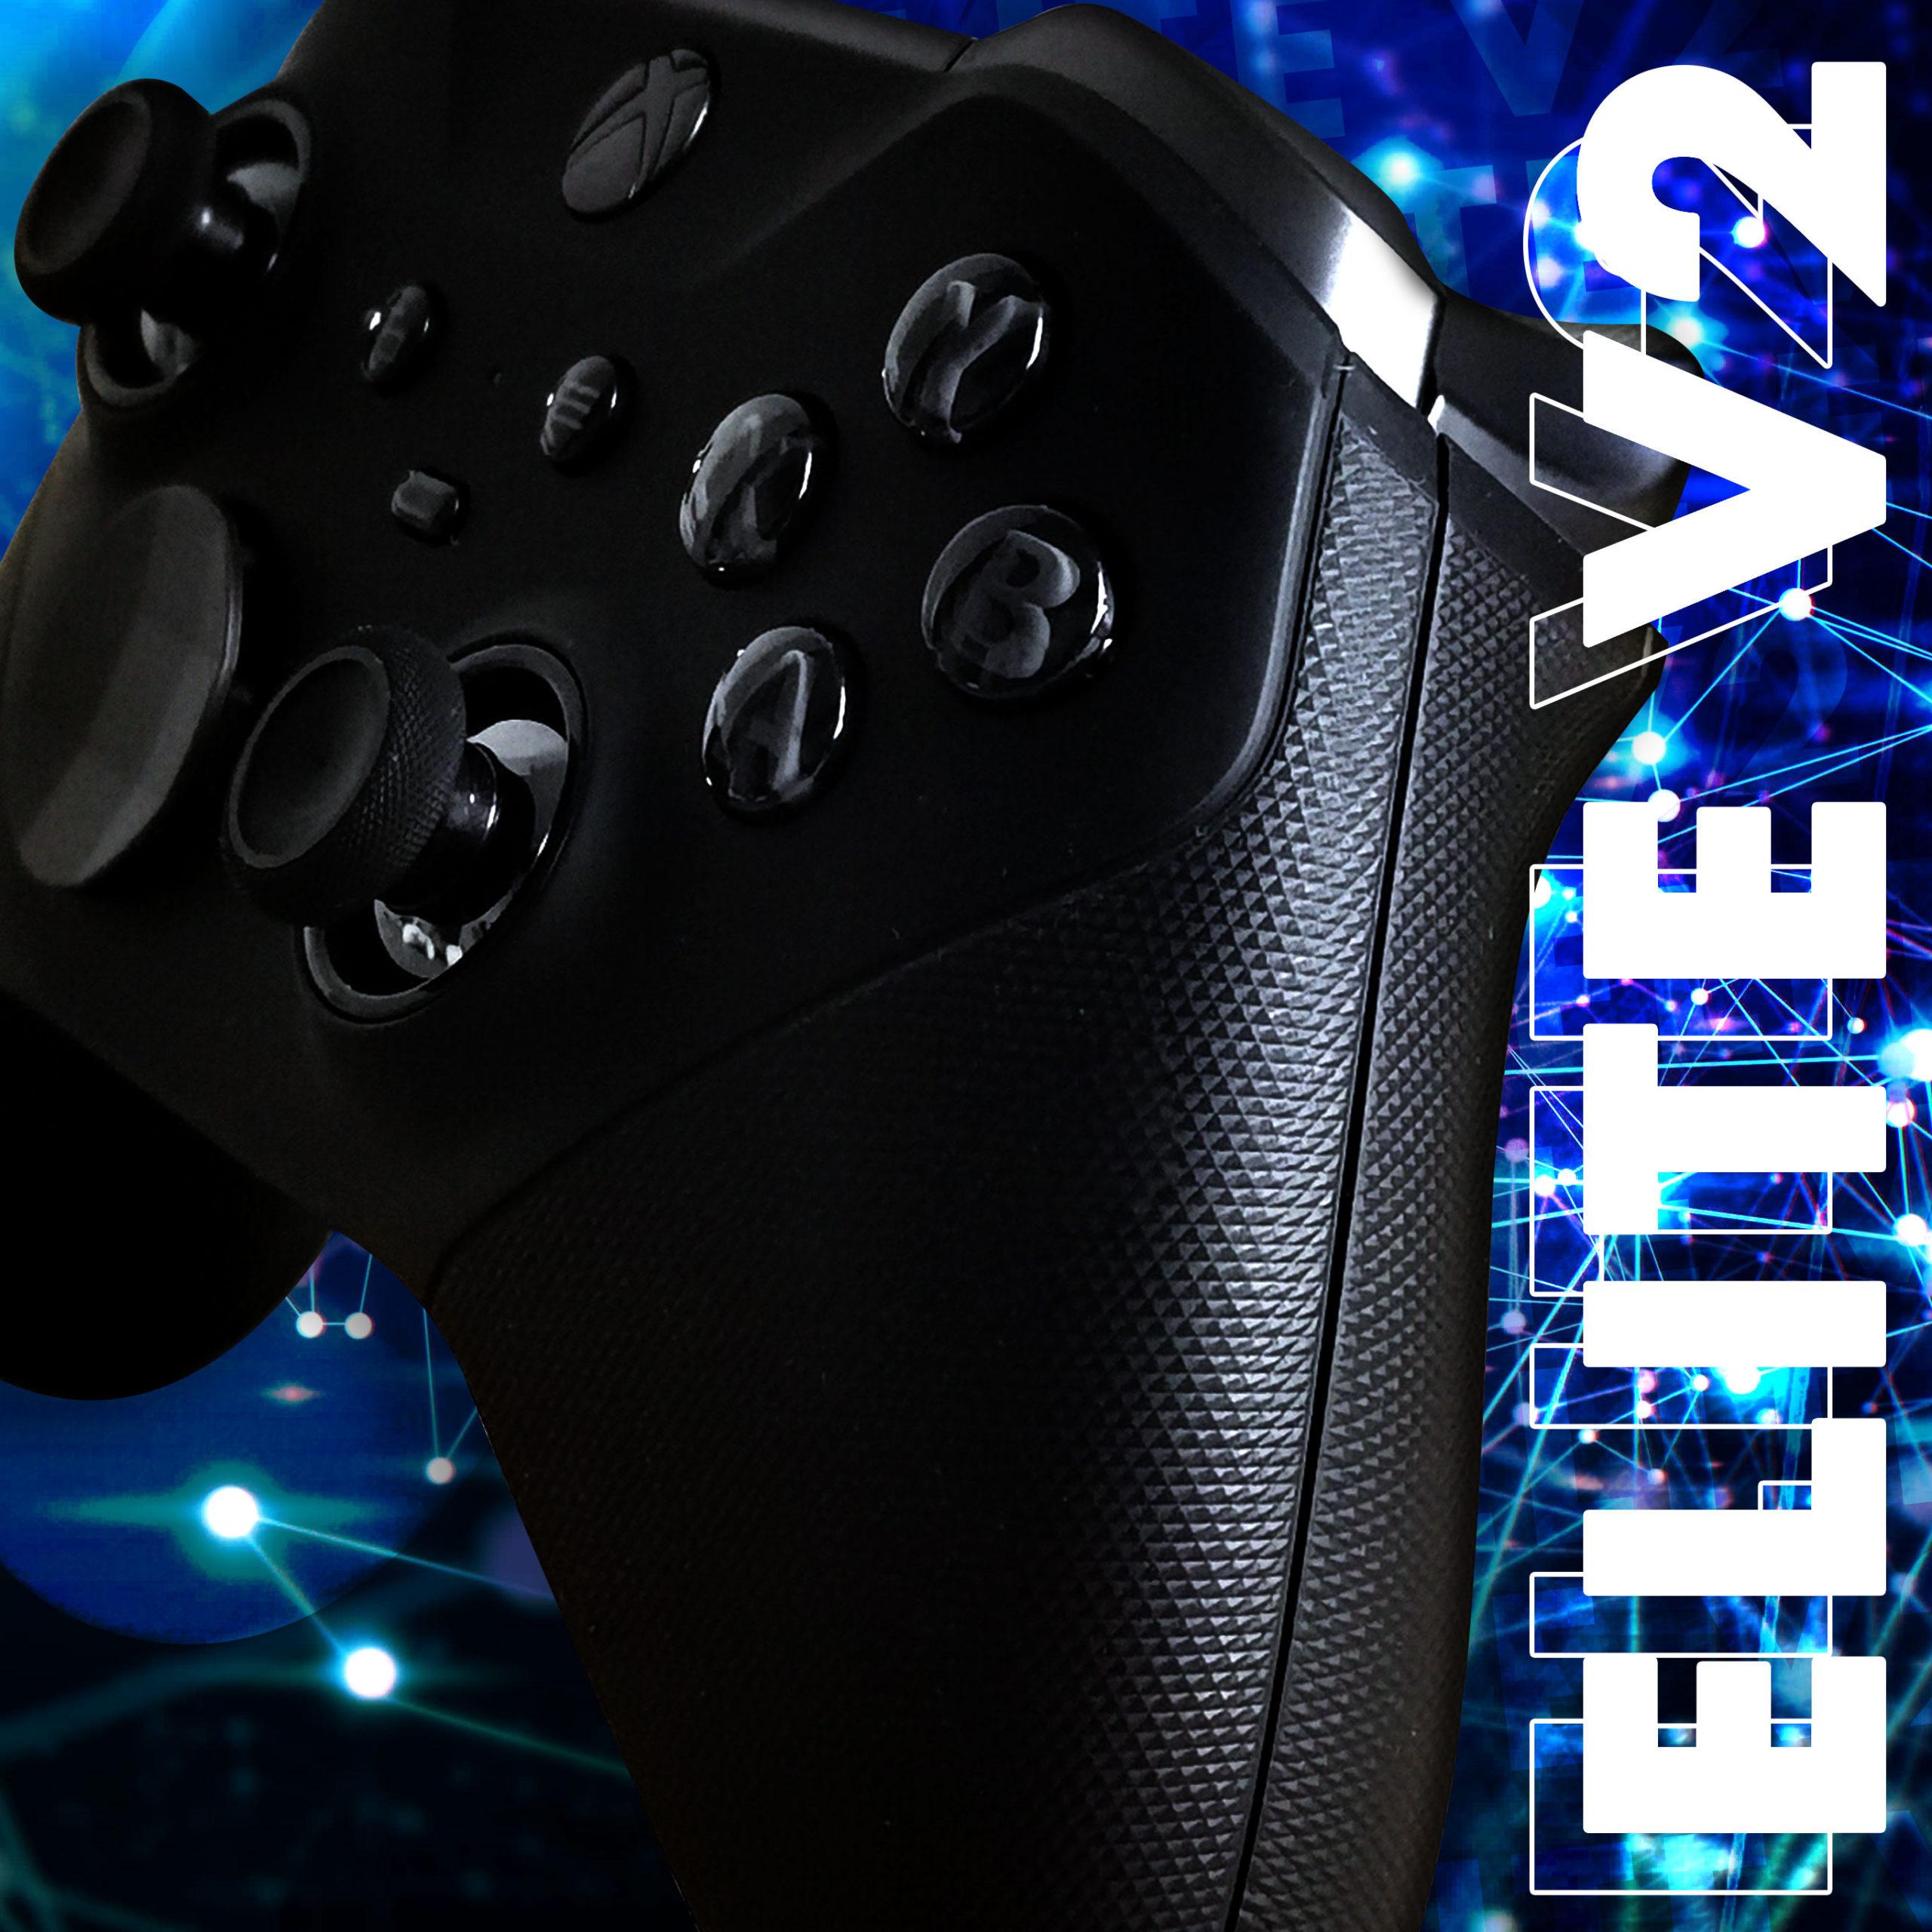 elite V2 xbox